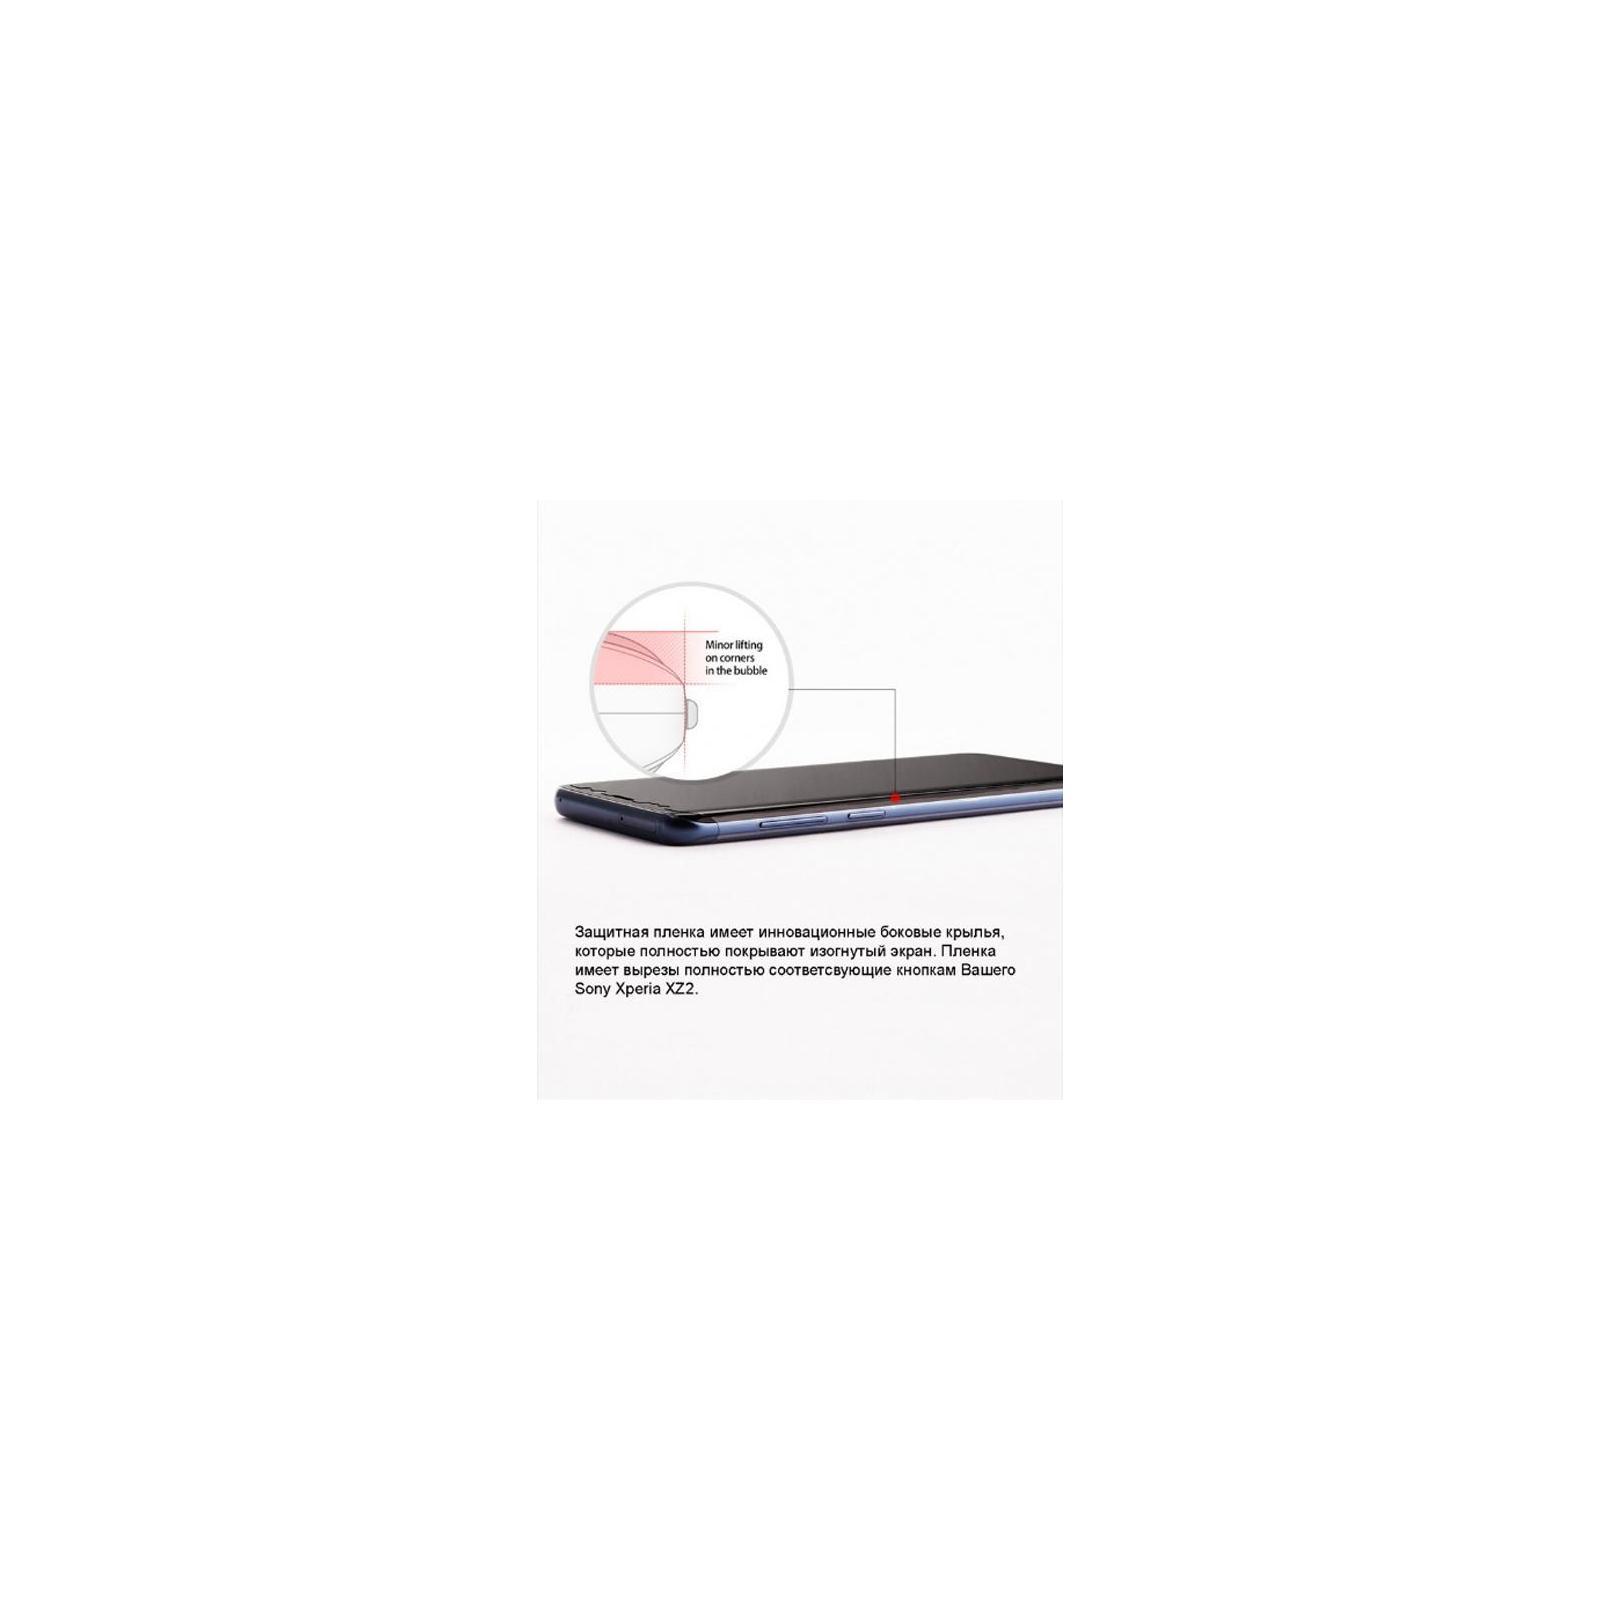 Пленка защитная Ringke для телефона Sony Xperia XZ2 Compact Full Cover (RSP4456) изображение 10